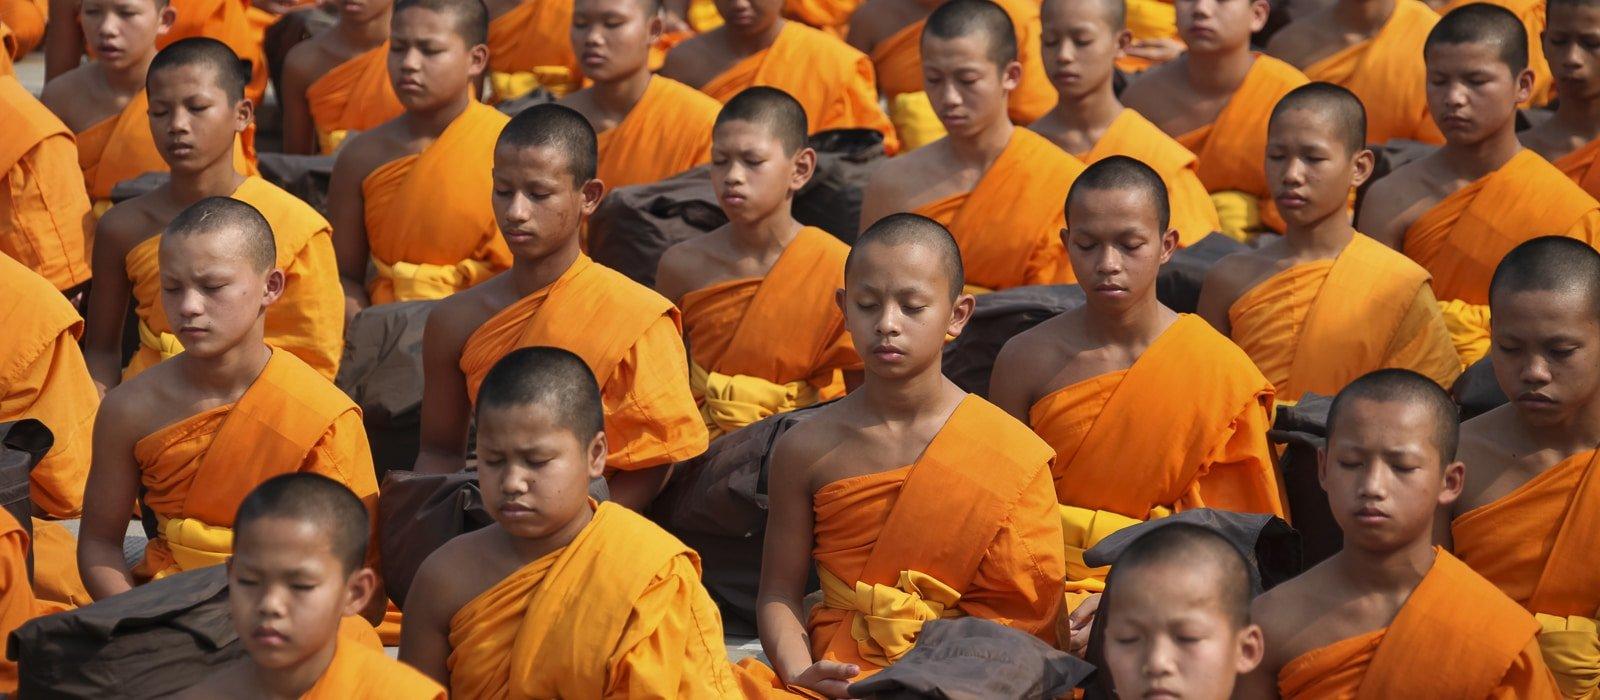 img-diapo-entete - thailande-1600x700-10.jpg